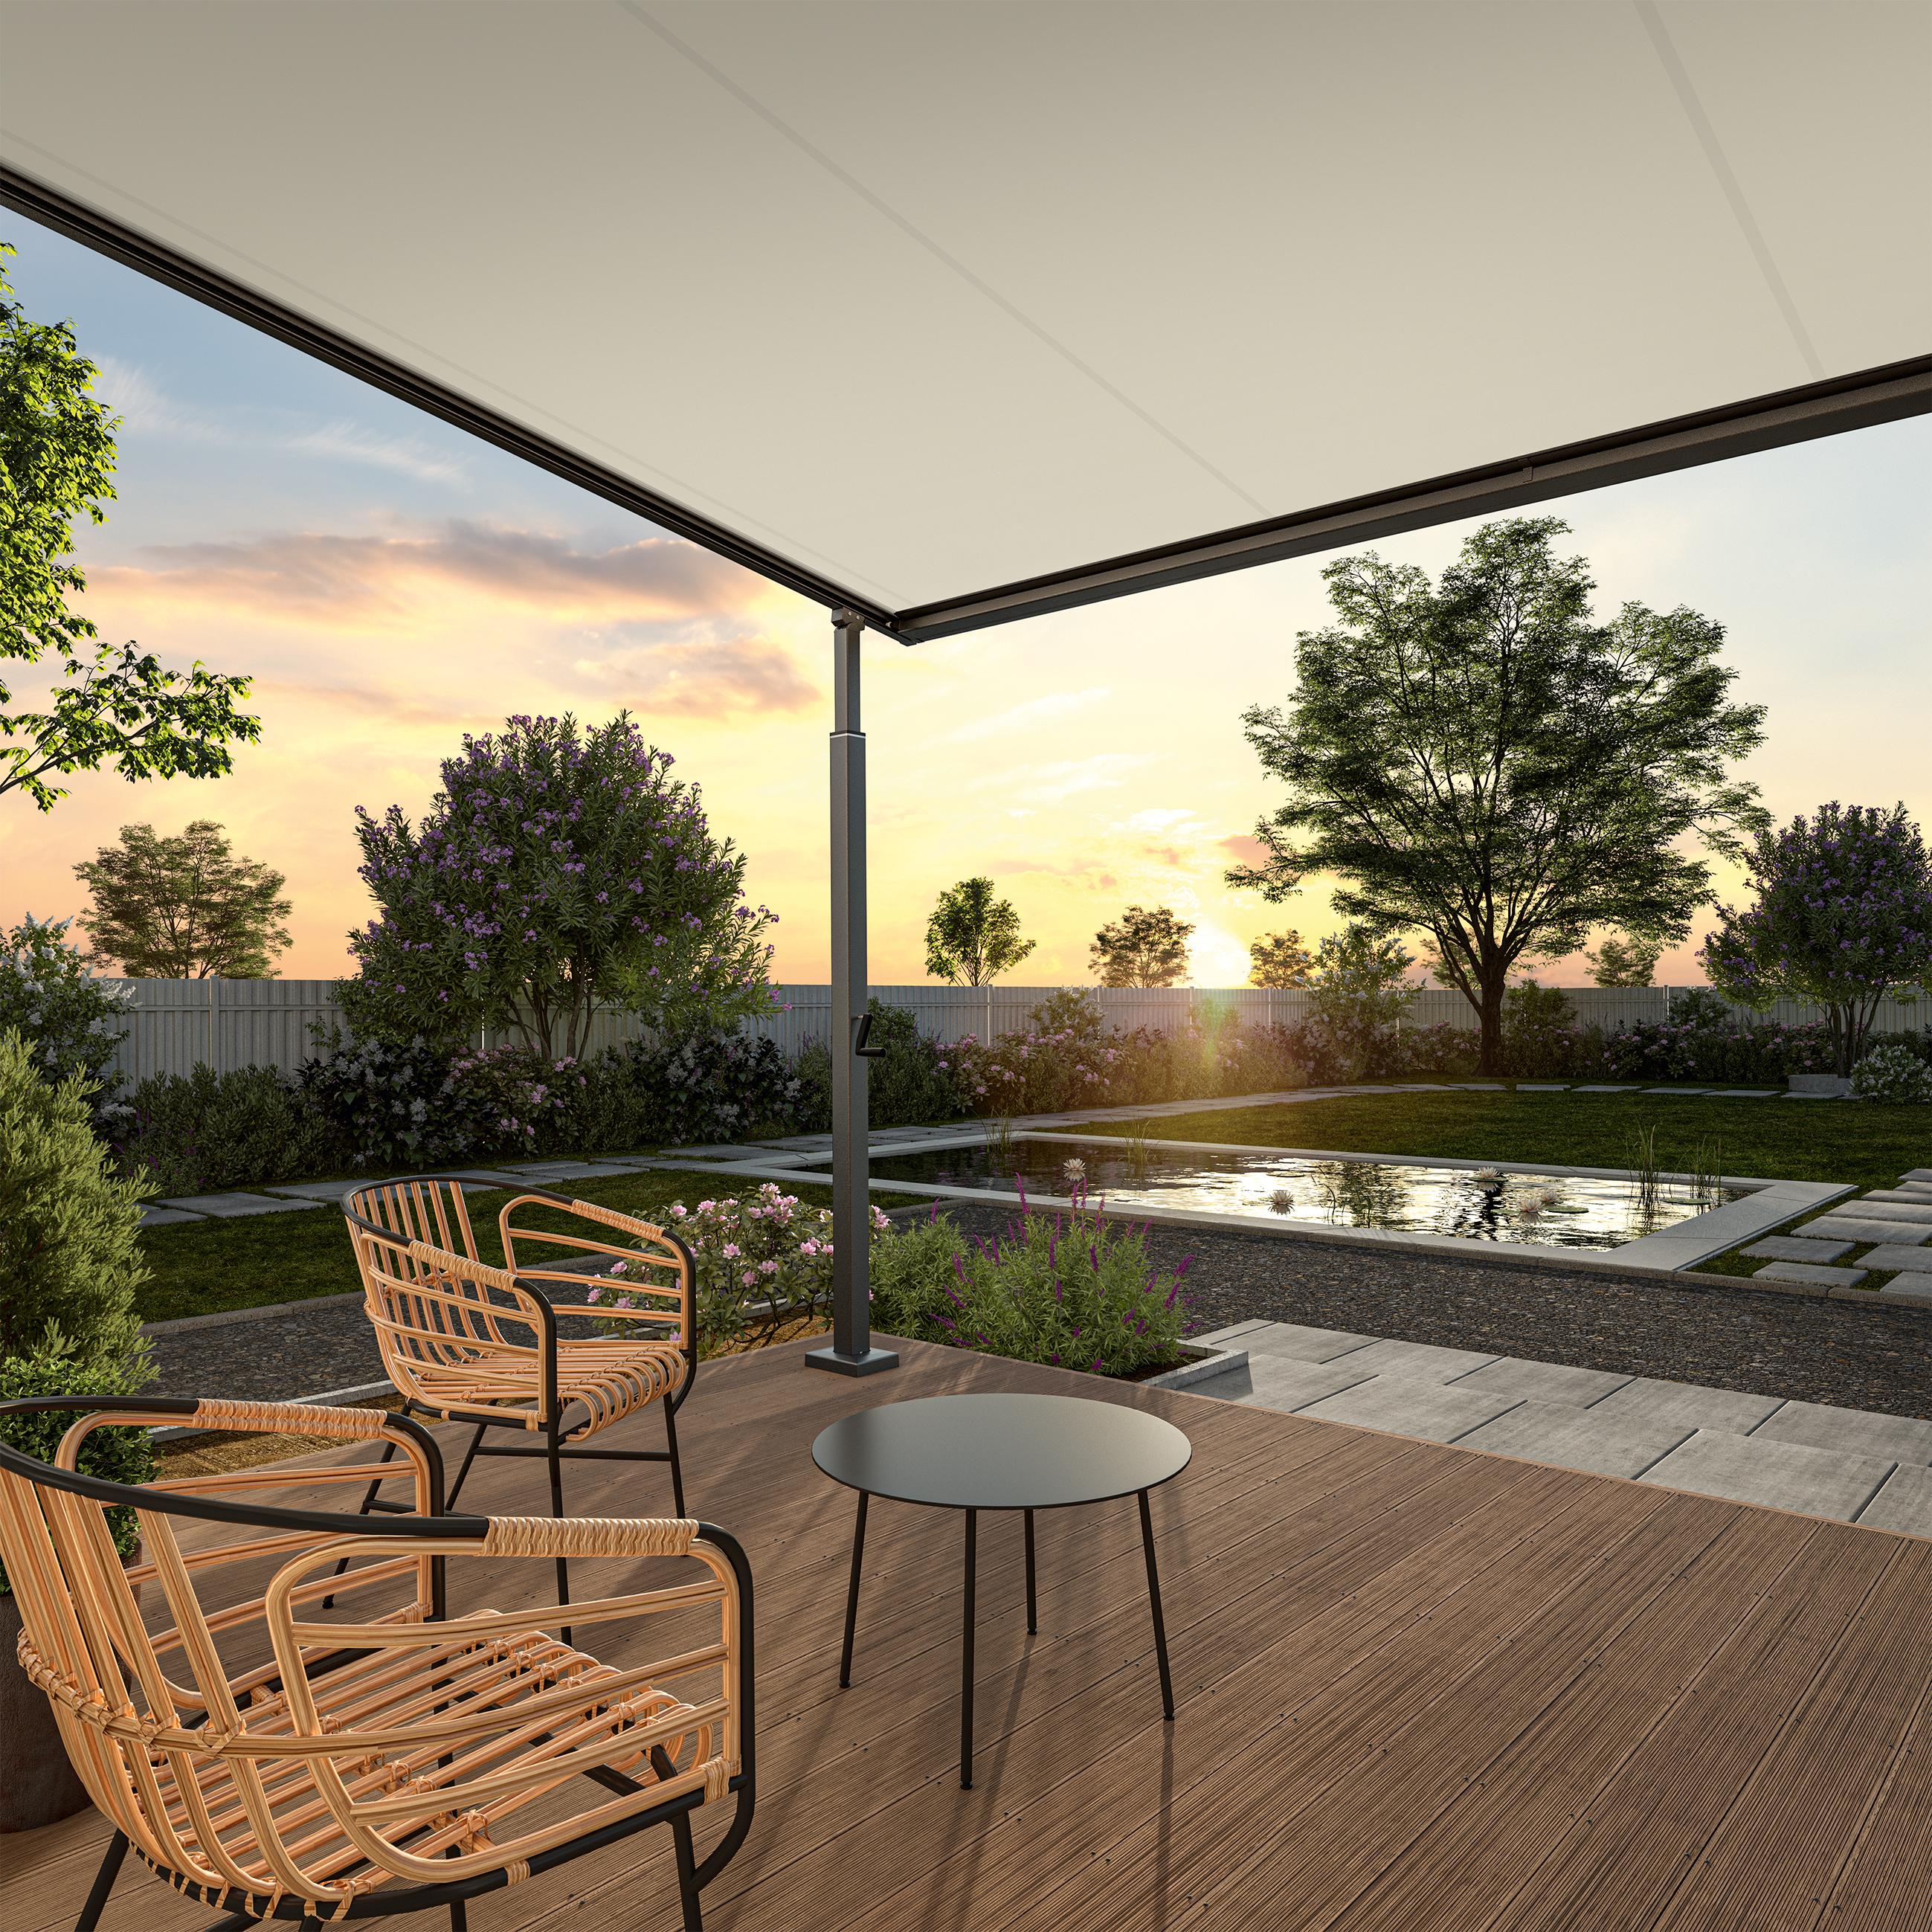 LEW_portofino-p_innen_terrasse_xl.jpg